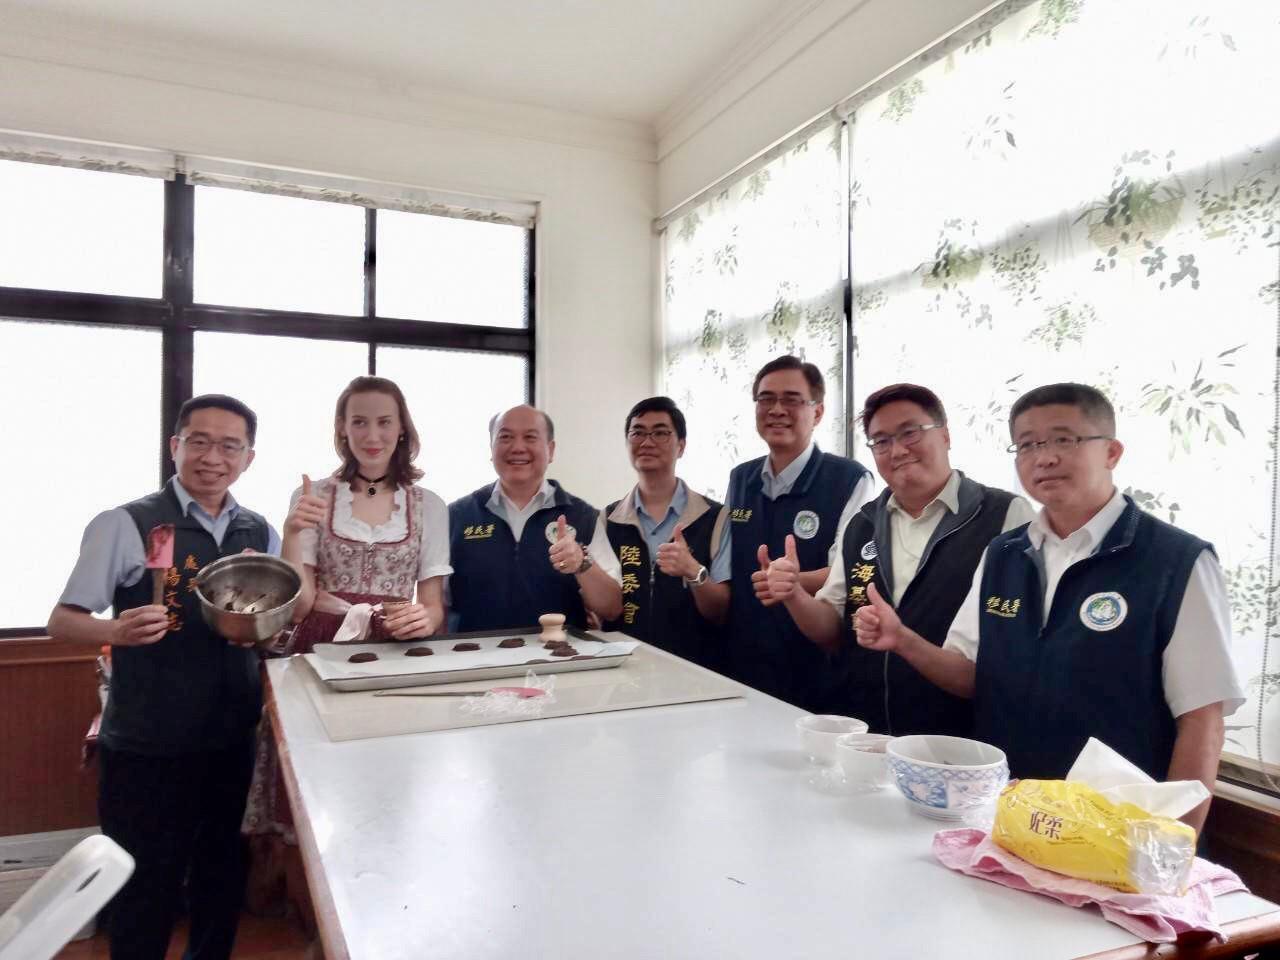 移民署主任秘書林興春(左3)等在德國籍新住民謝薩莉的工作室製作德國薑餅